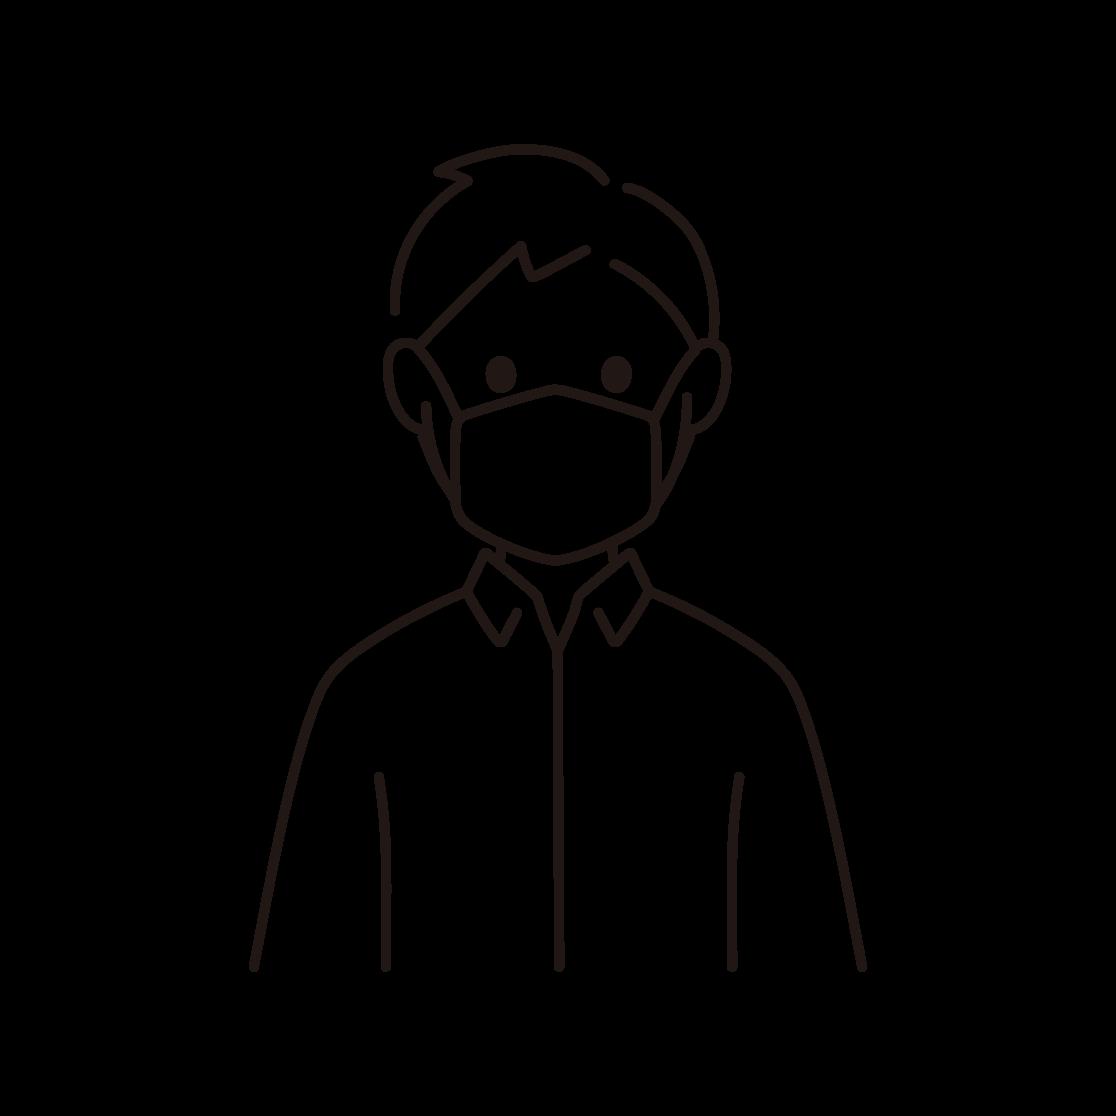 マスクをする人の線画イラスト